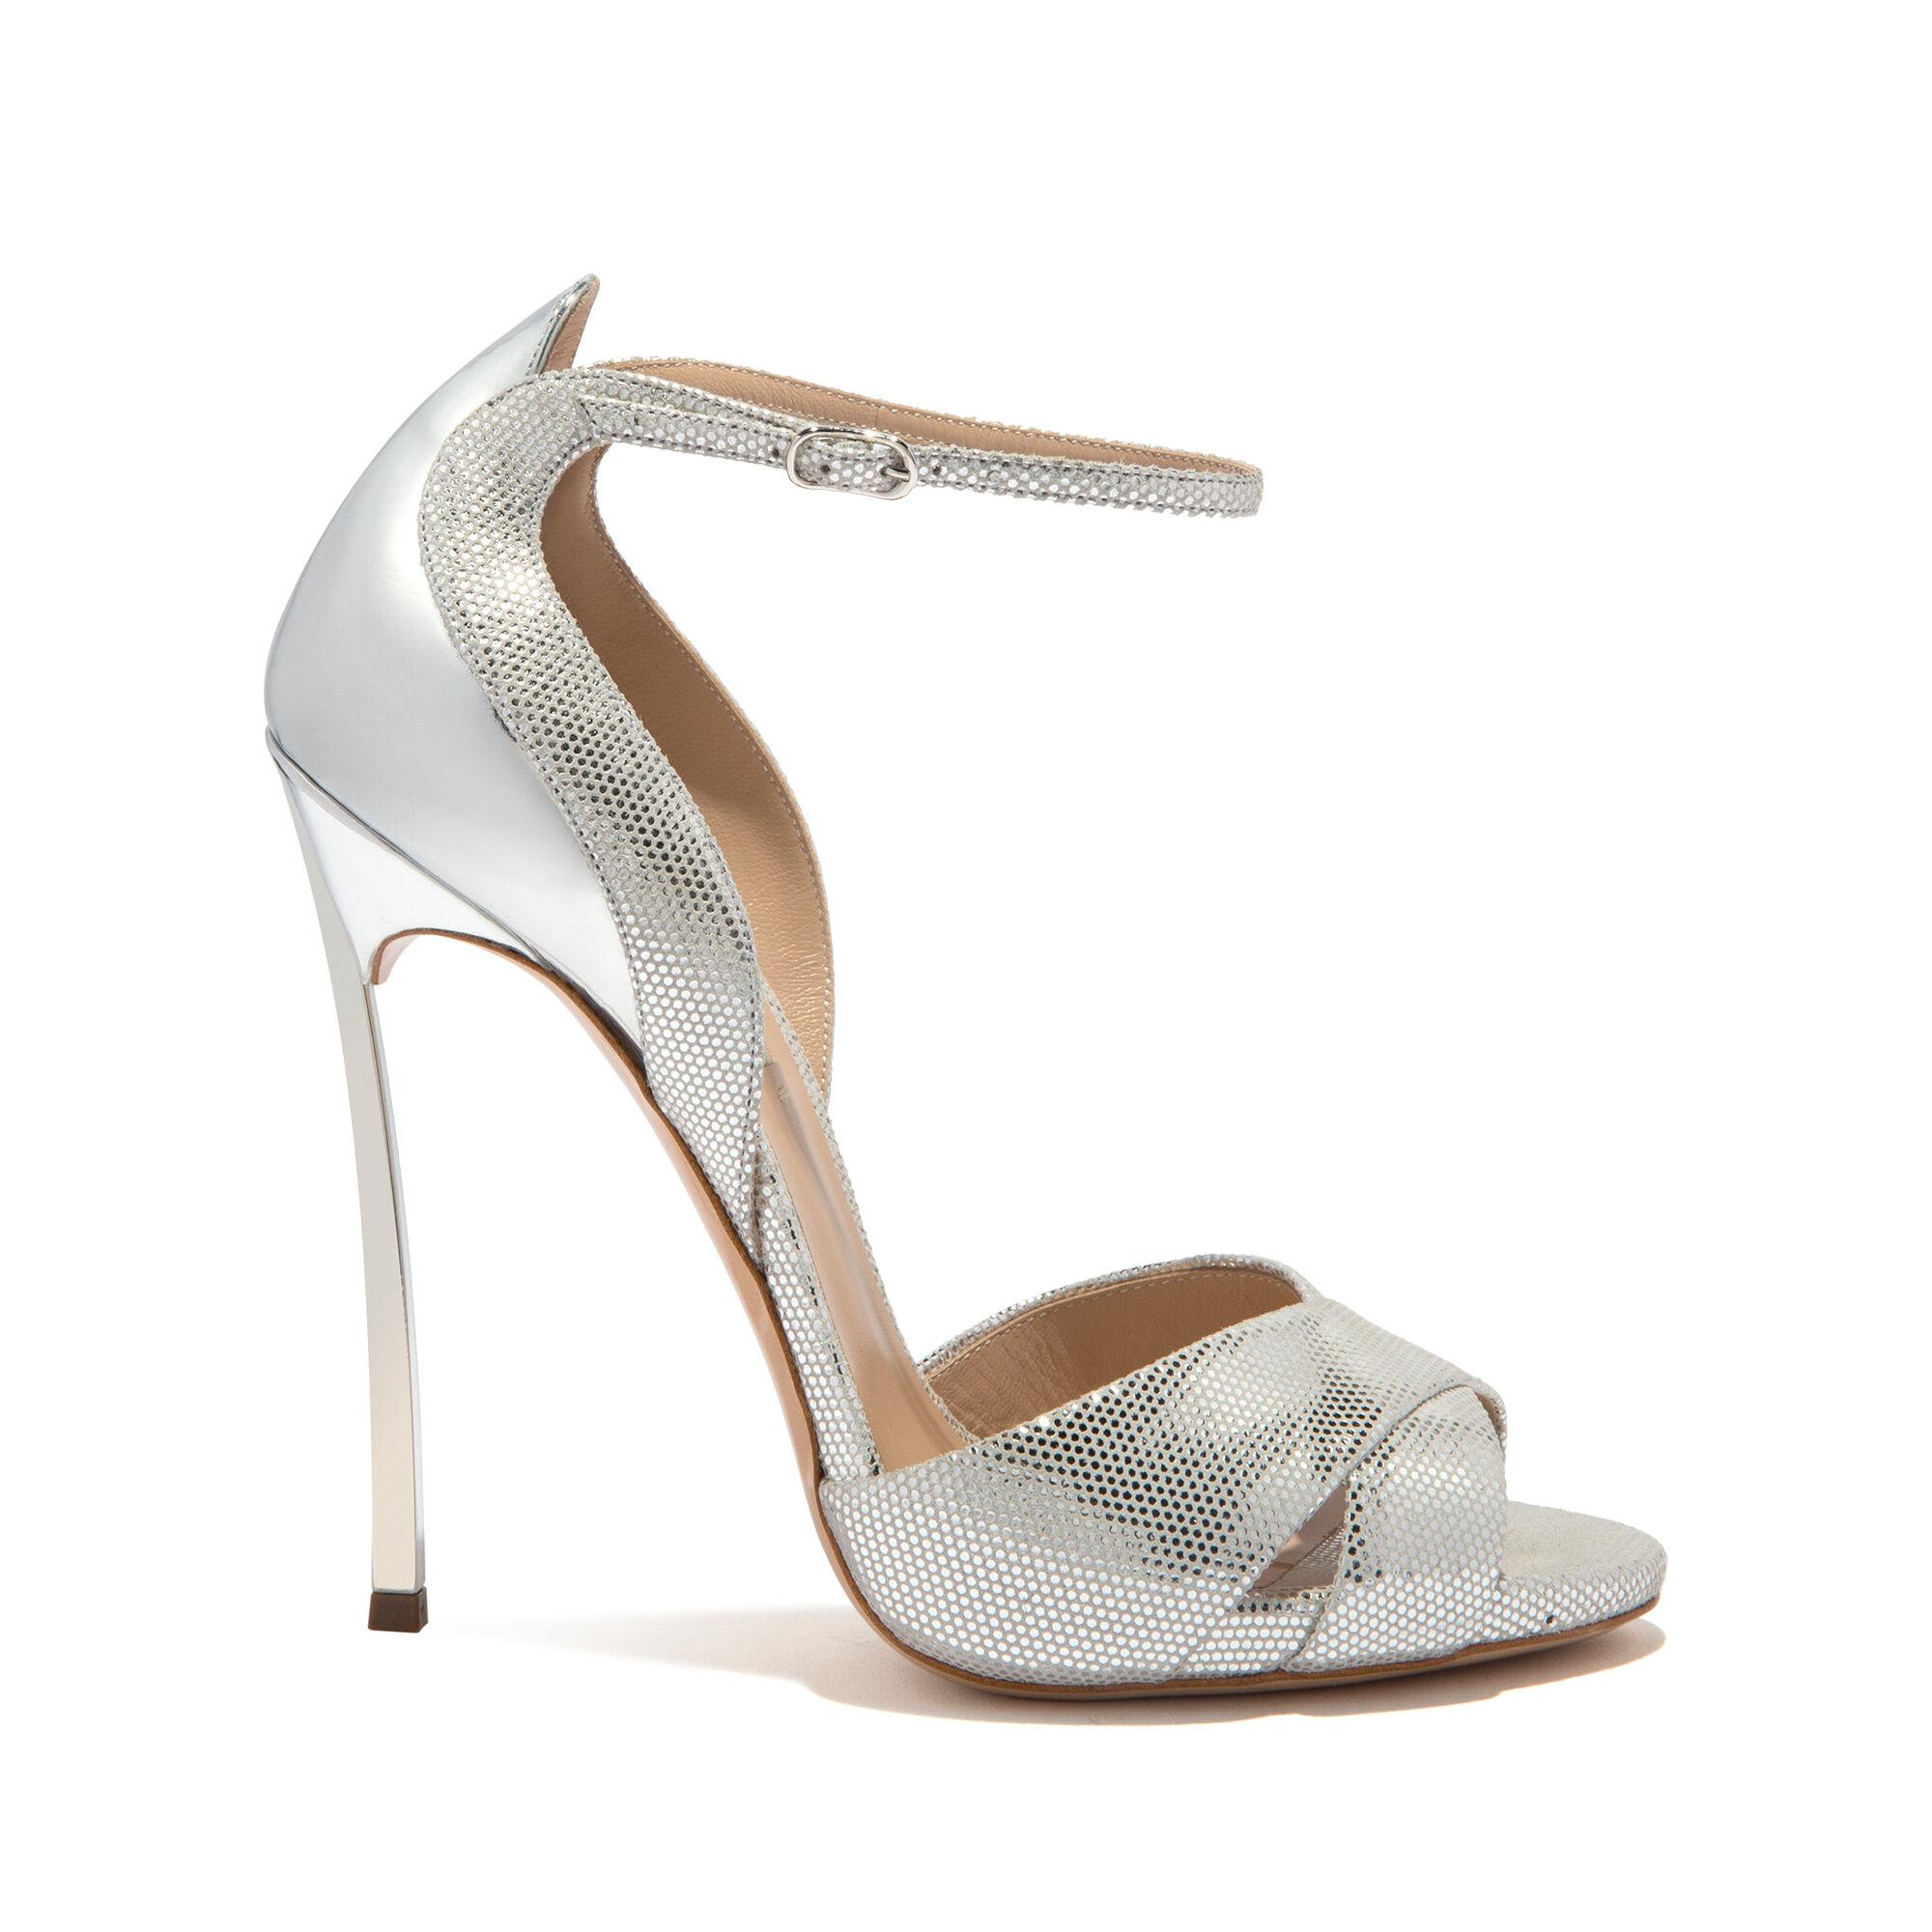 Sandales Élégantes Sandales Pour FemmeCasadei Pour Sandales Élégantes Pour Élégantes FemmeCasadei FemmeCasadei Élégantes Pour Sandales 5luTK31cJF